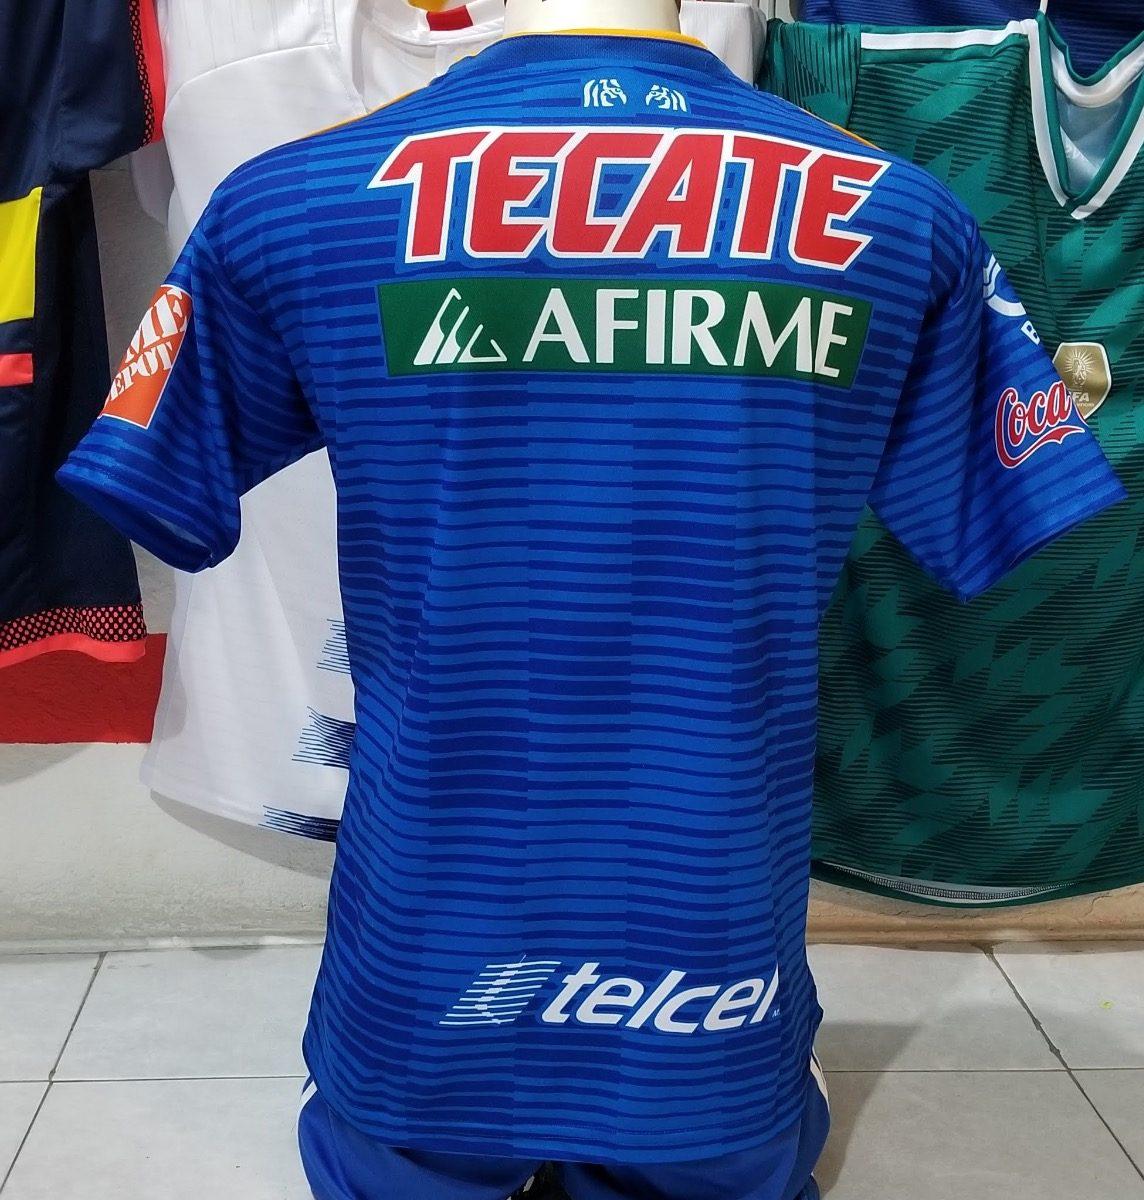 2c9fd3d4ab695 10 Uniformes De Futbol Calidad Dri-fit Tigres Visitante 2019 ...